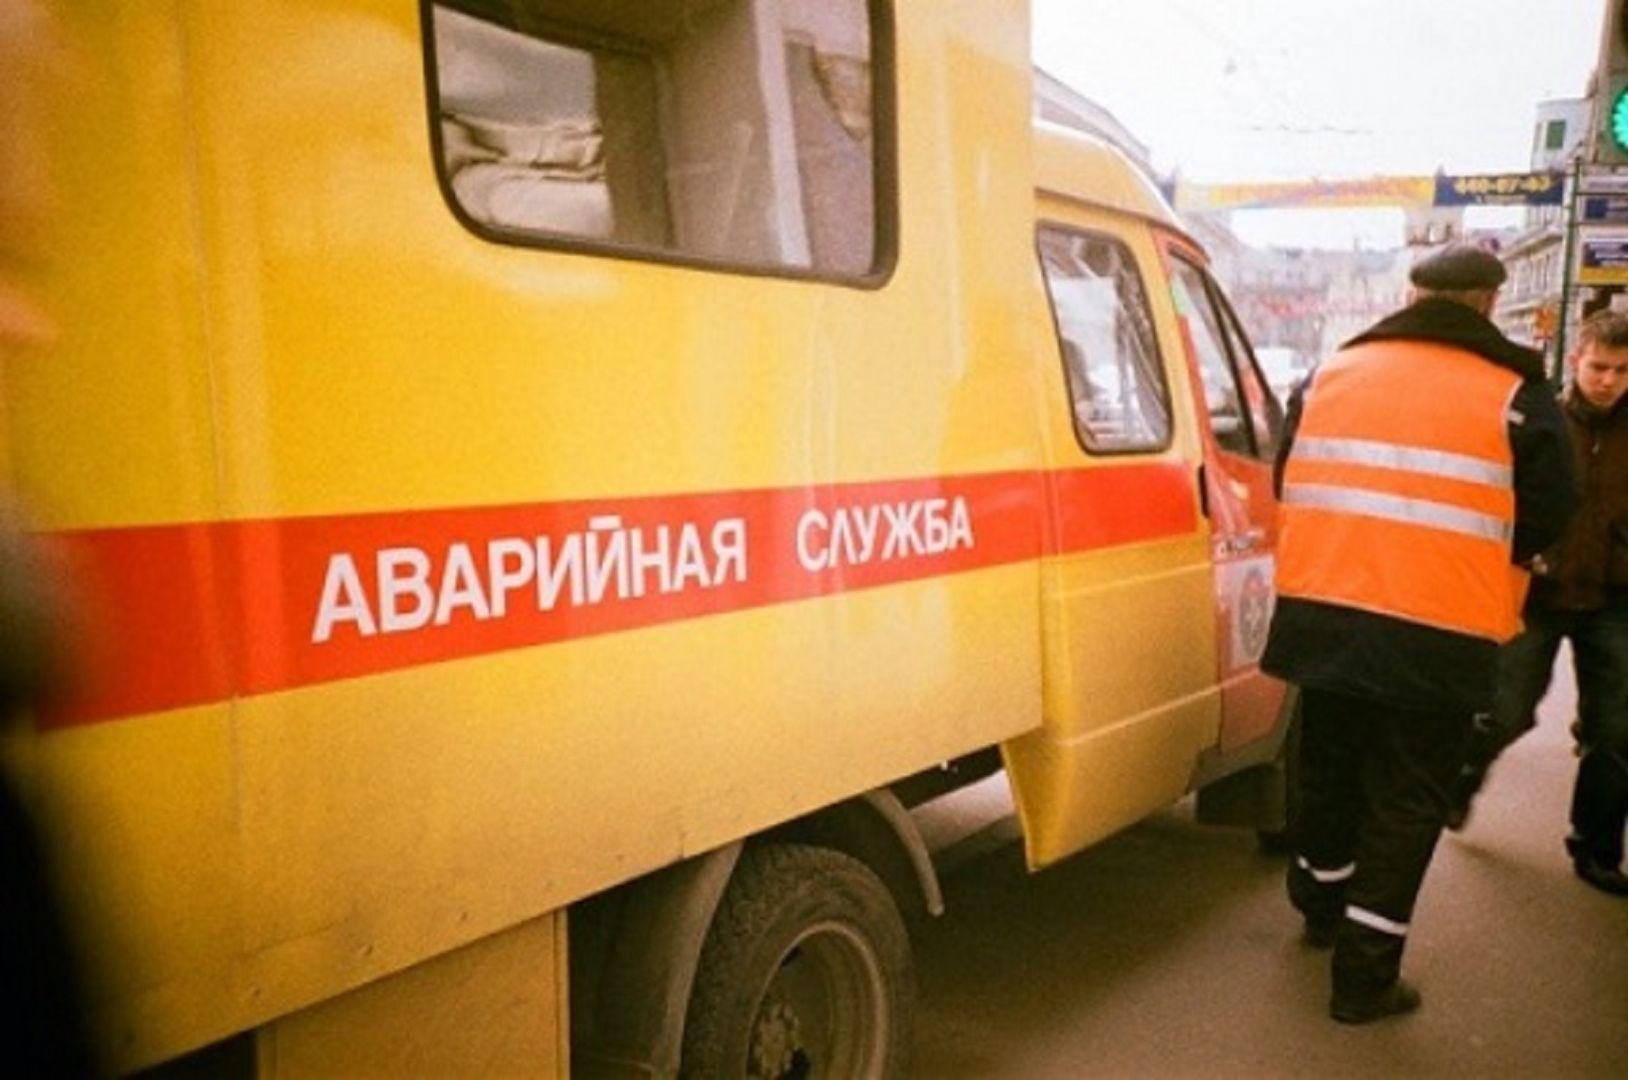 2280 домов в Георгиевском округе остались без воды из-за аварии